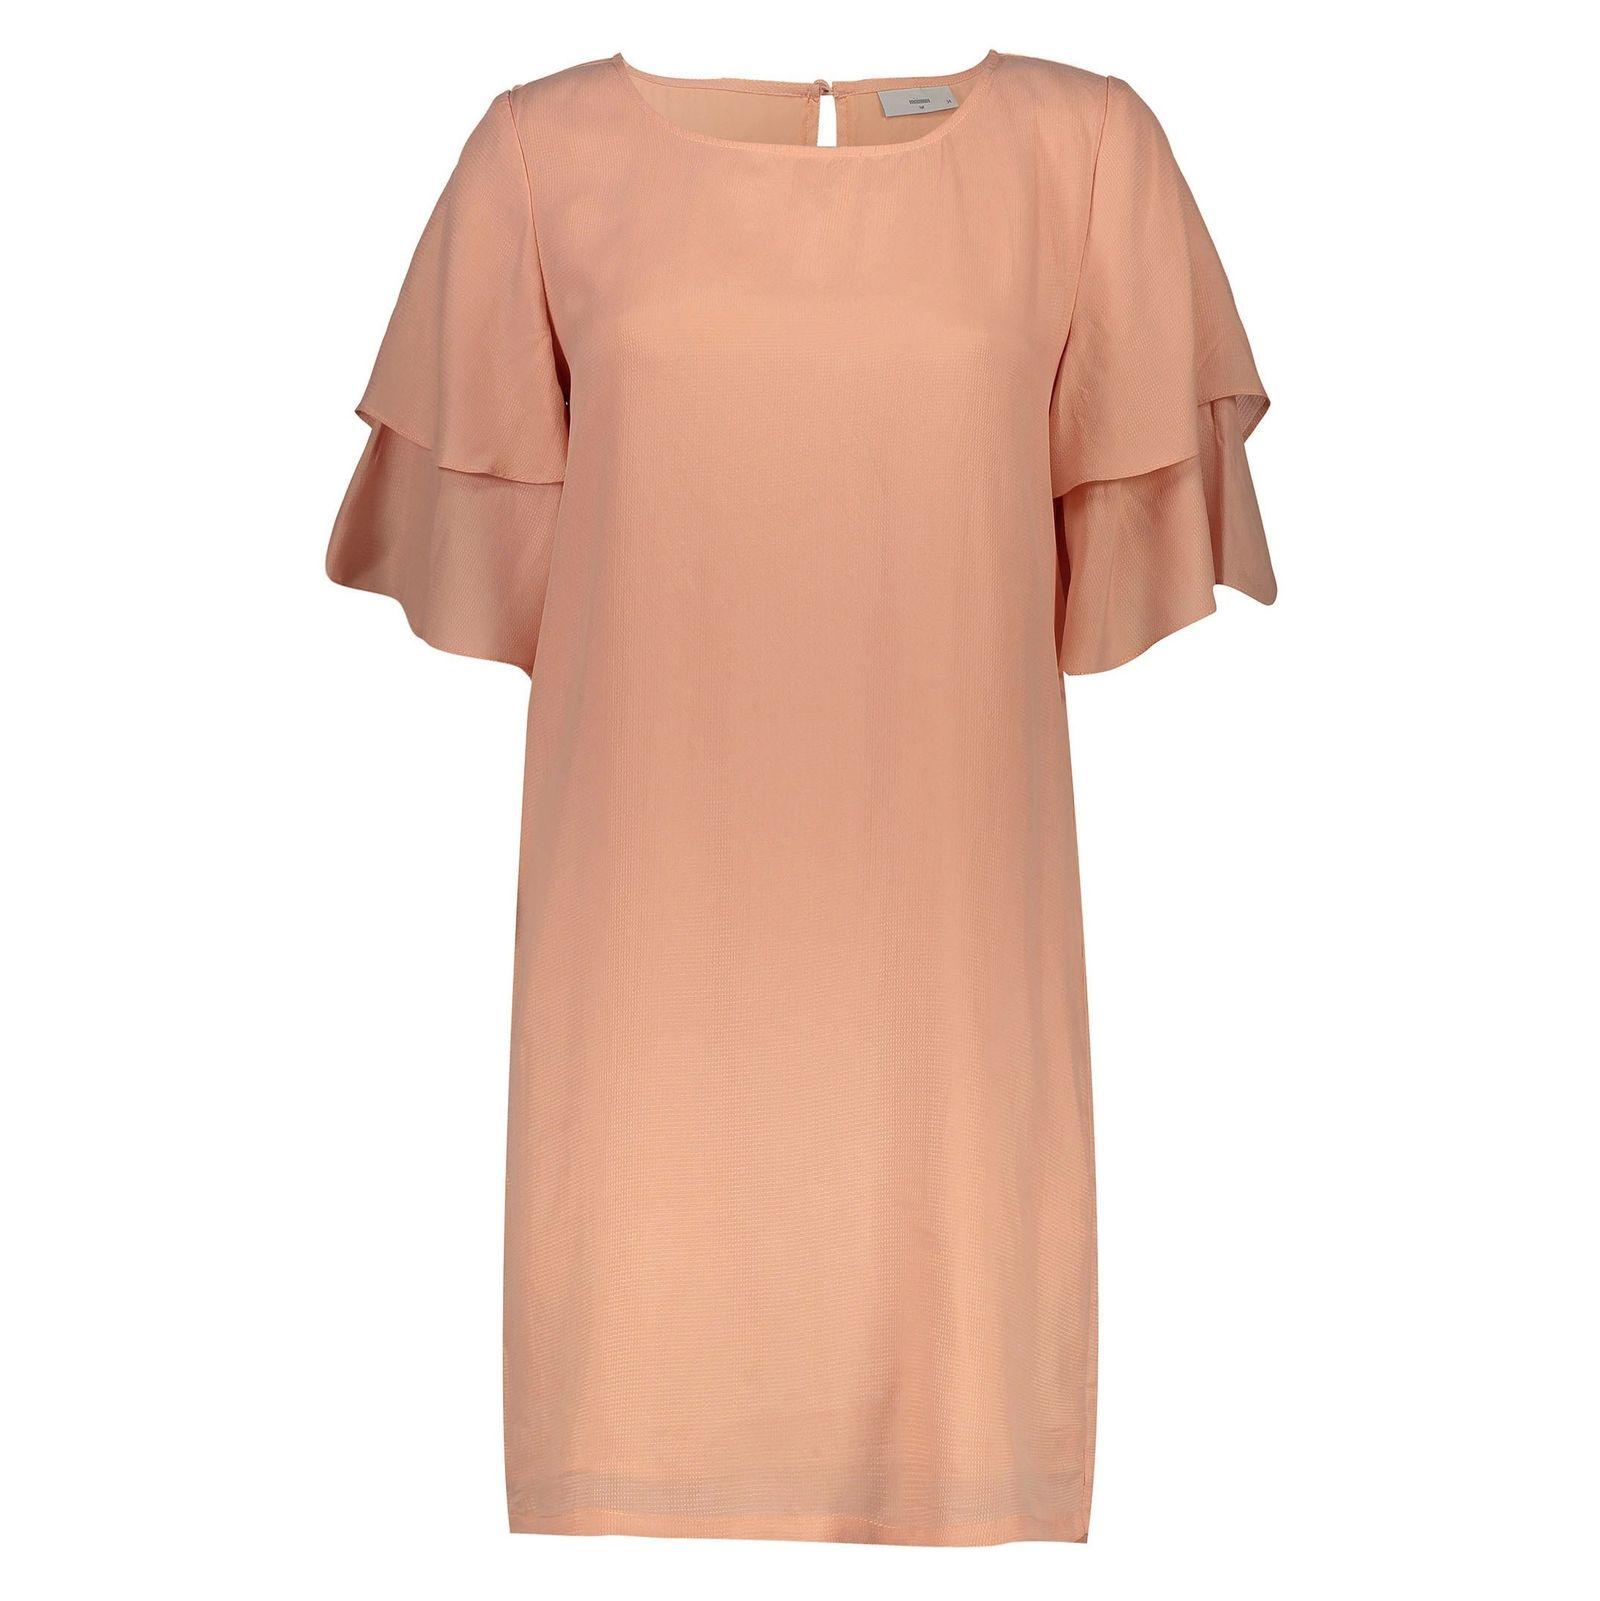 پیراهن کوتاه زنانه - مینیموم - صورتي - 1